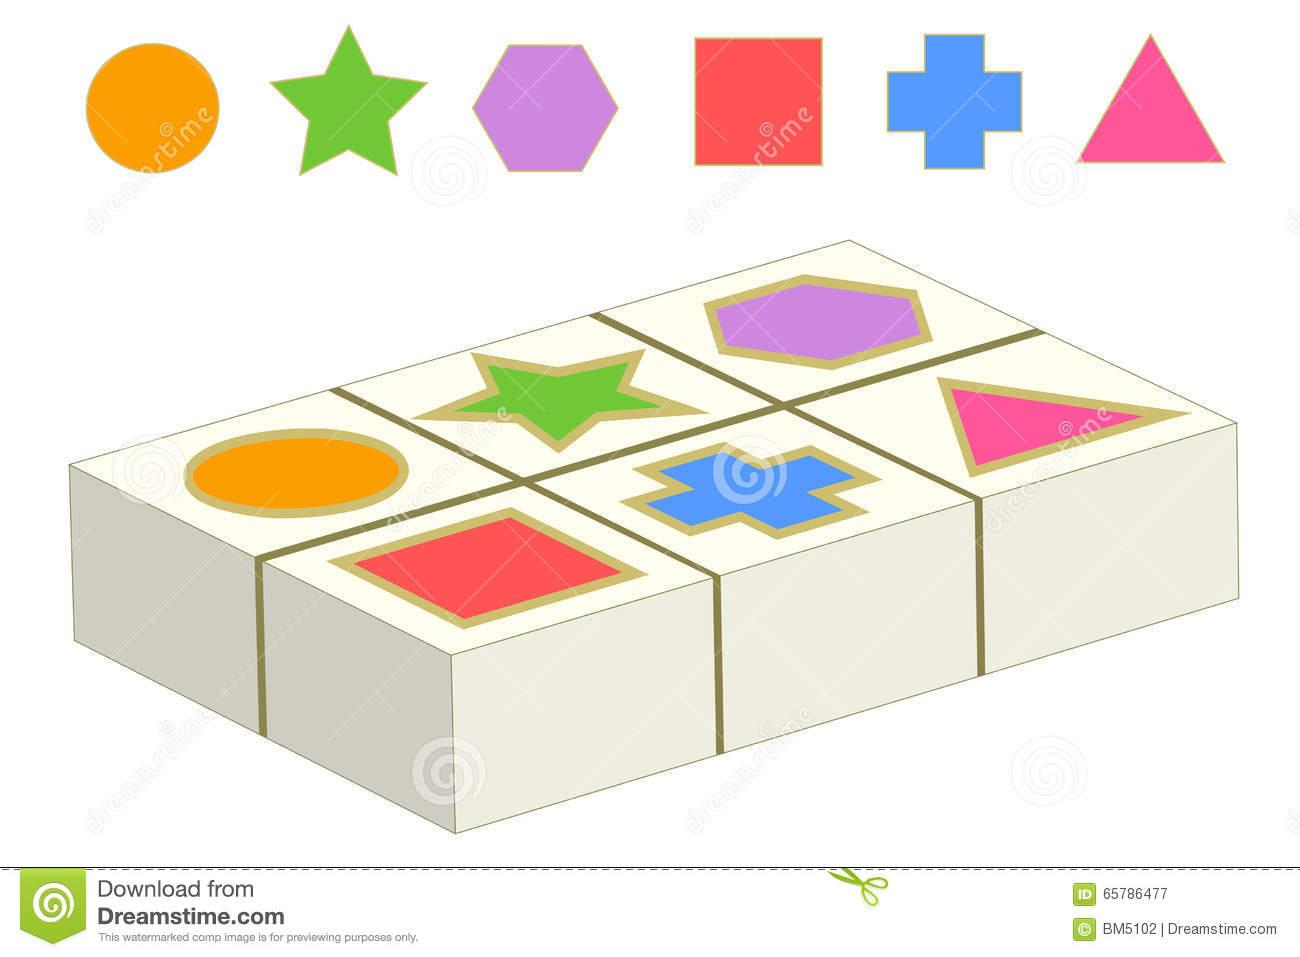 Jeu D'assortiment Avec Des Formes Géométriques Illustration à Jeu De Forme Géométrique